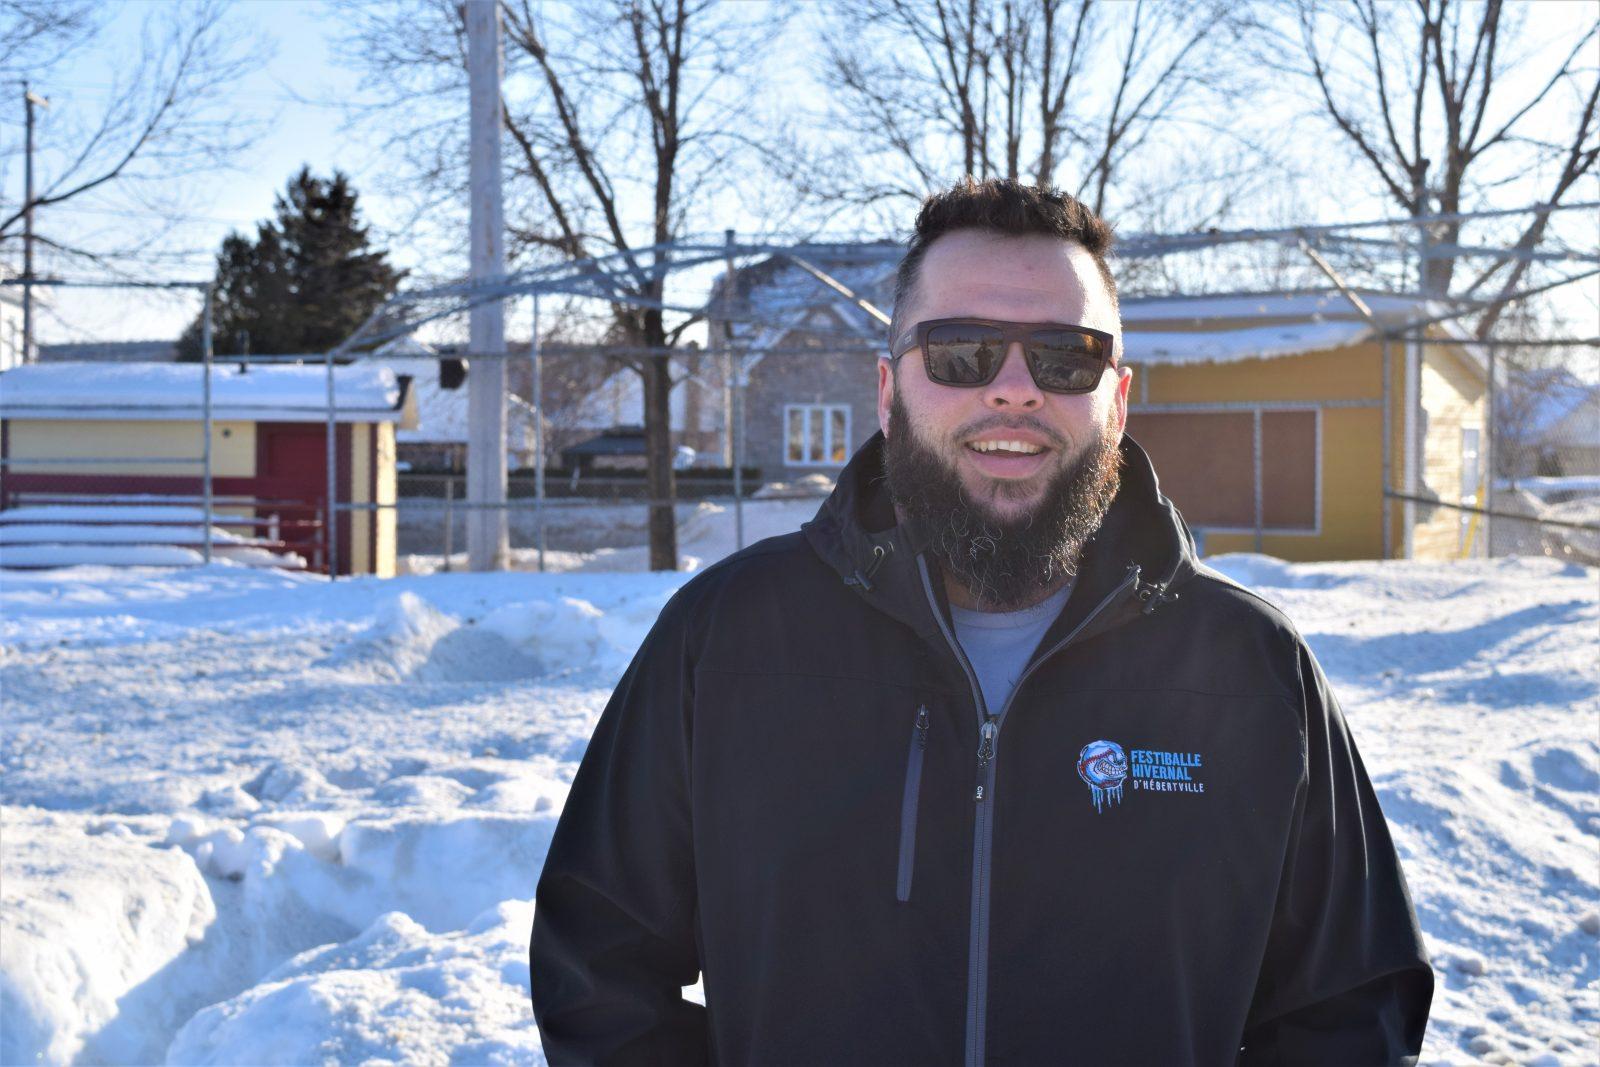 7e édition du Festiballe d'Hébertville : Jouer au baseball dans la neige